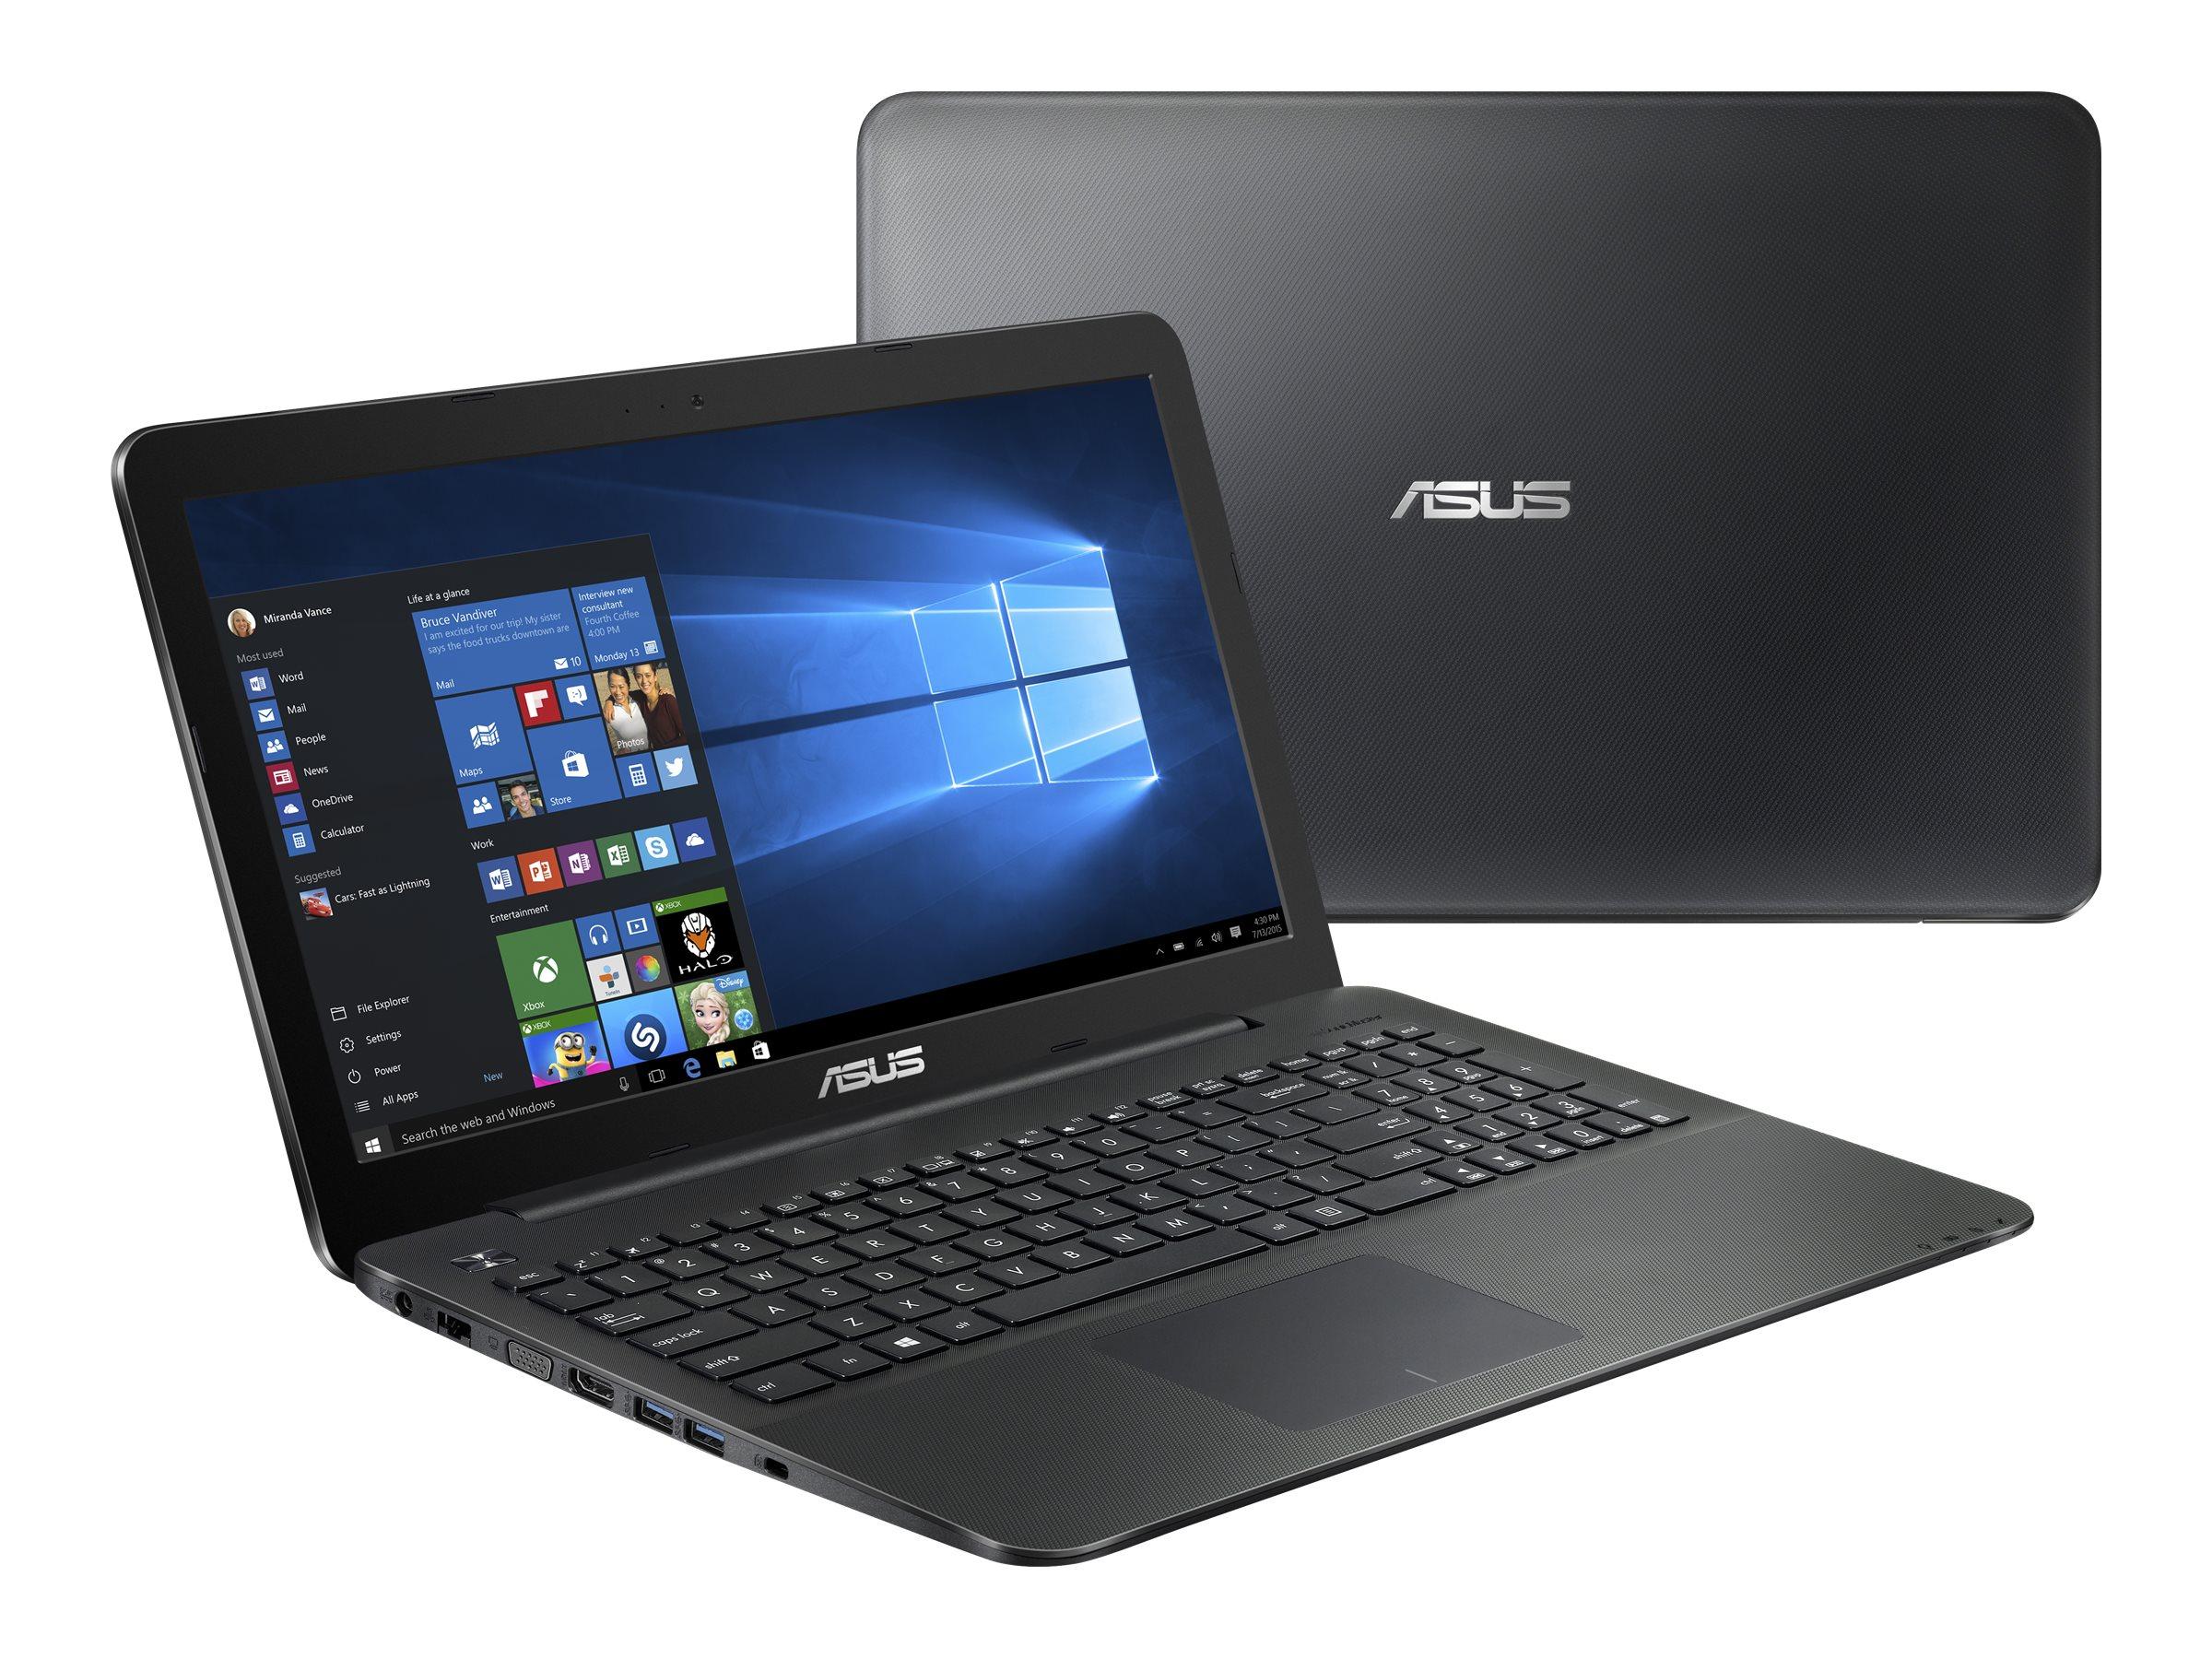 Asus X555YA-DB84Q Image 7